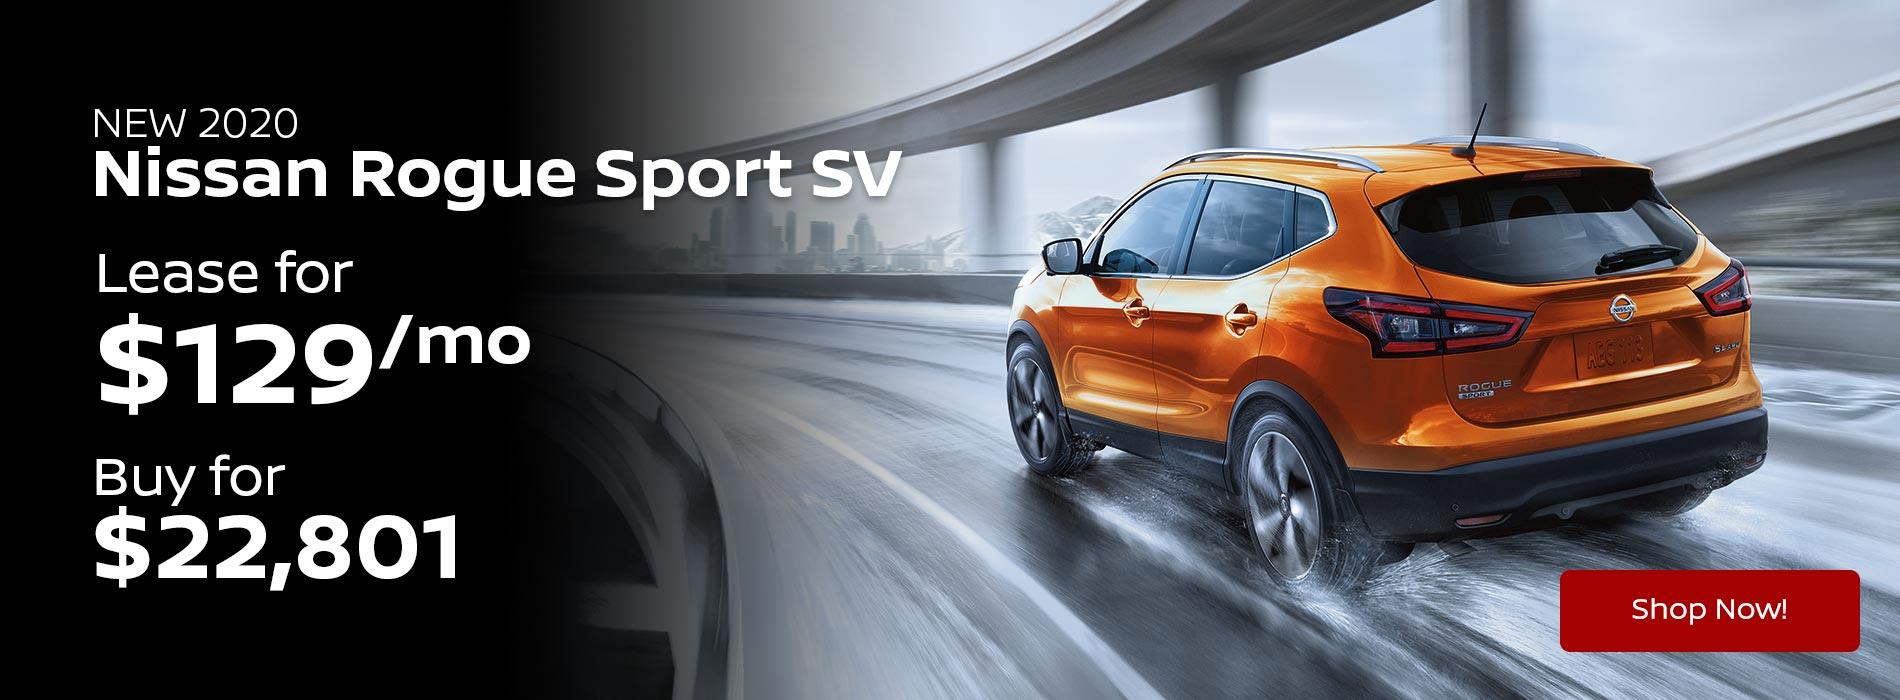 2020 Rogue Sport SV